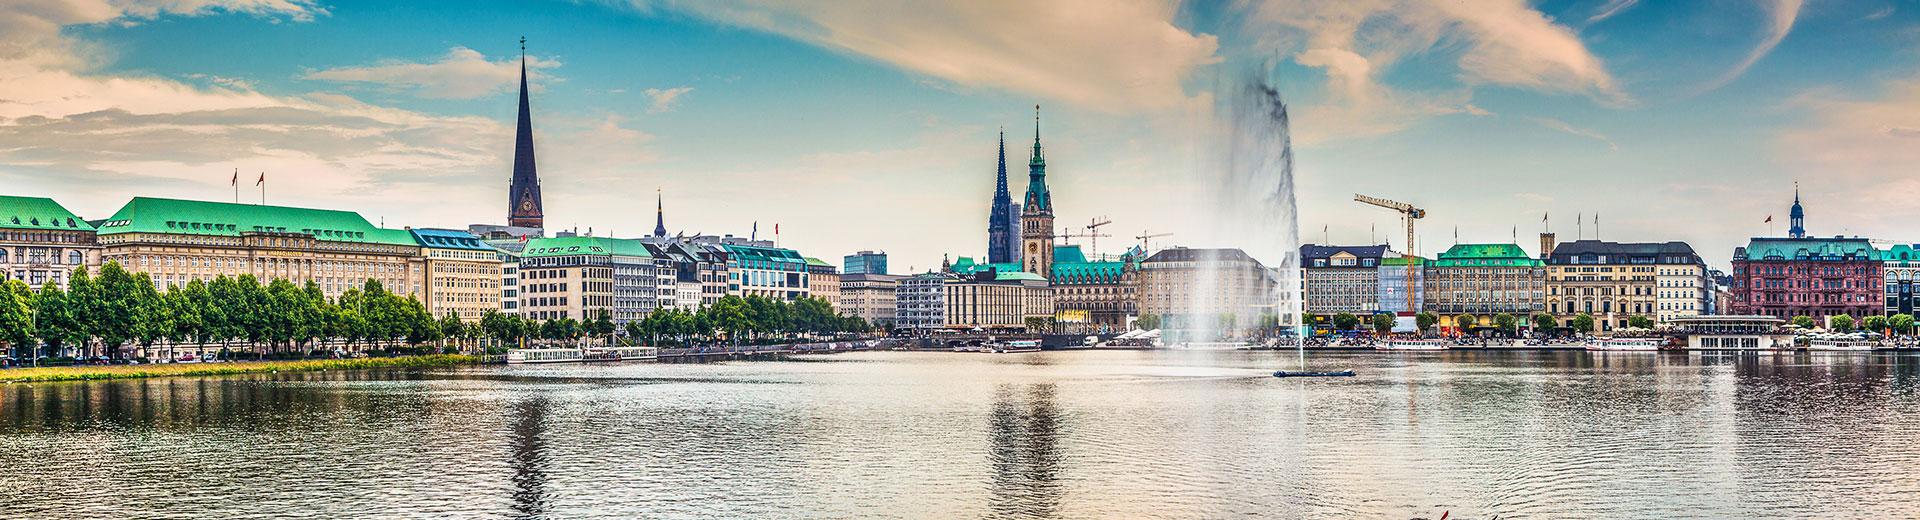 Gruppenreise Hamburg - Package Gruppen Budget Bahn